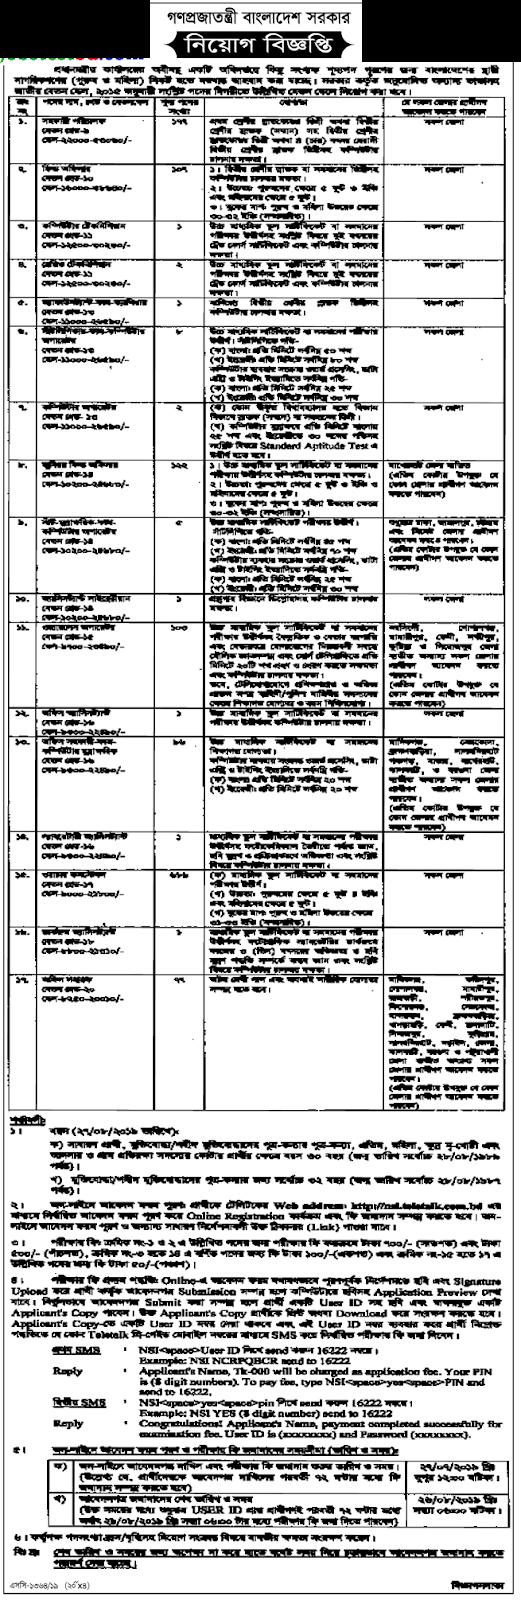 প্রধানমন্ত্রীর কার্যালয়ে ১৩৯৪ জনের নিয়োগ বিজ্ঞপ্তি প্রকাশ NSI Job Circular-2019